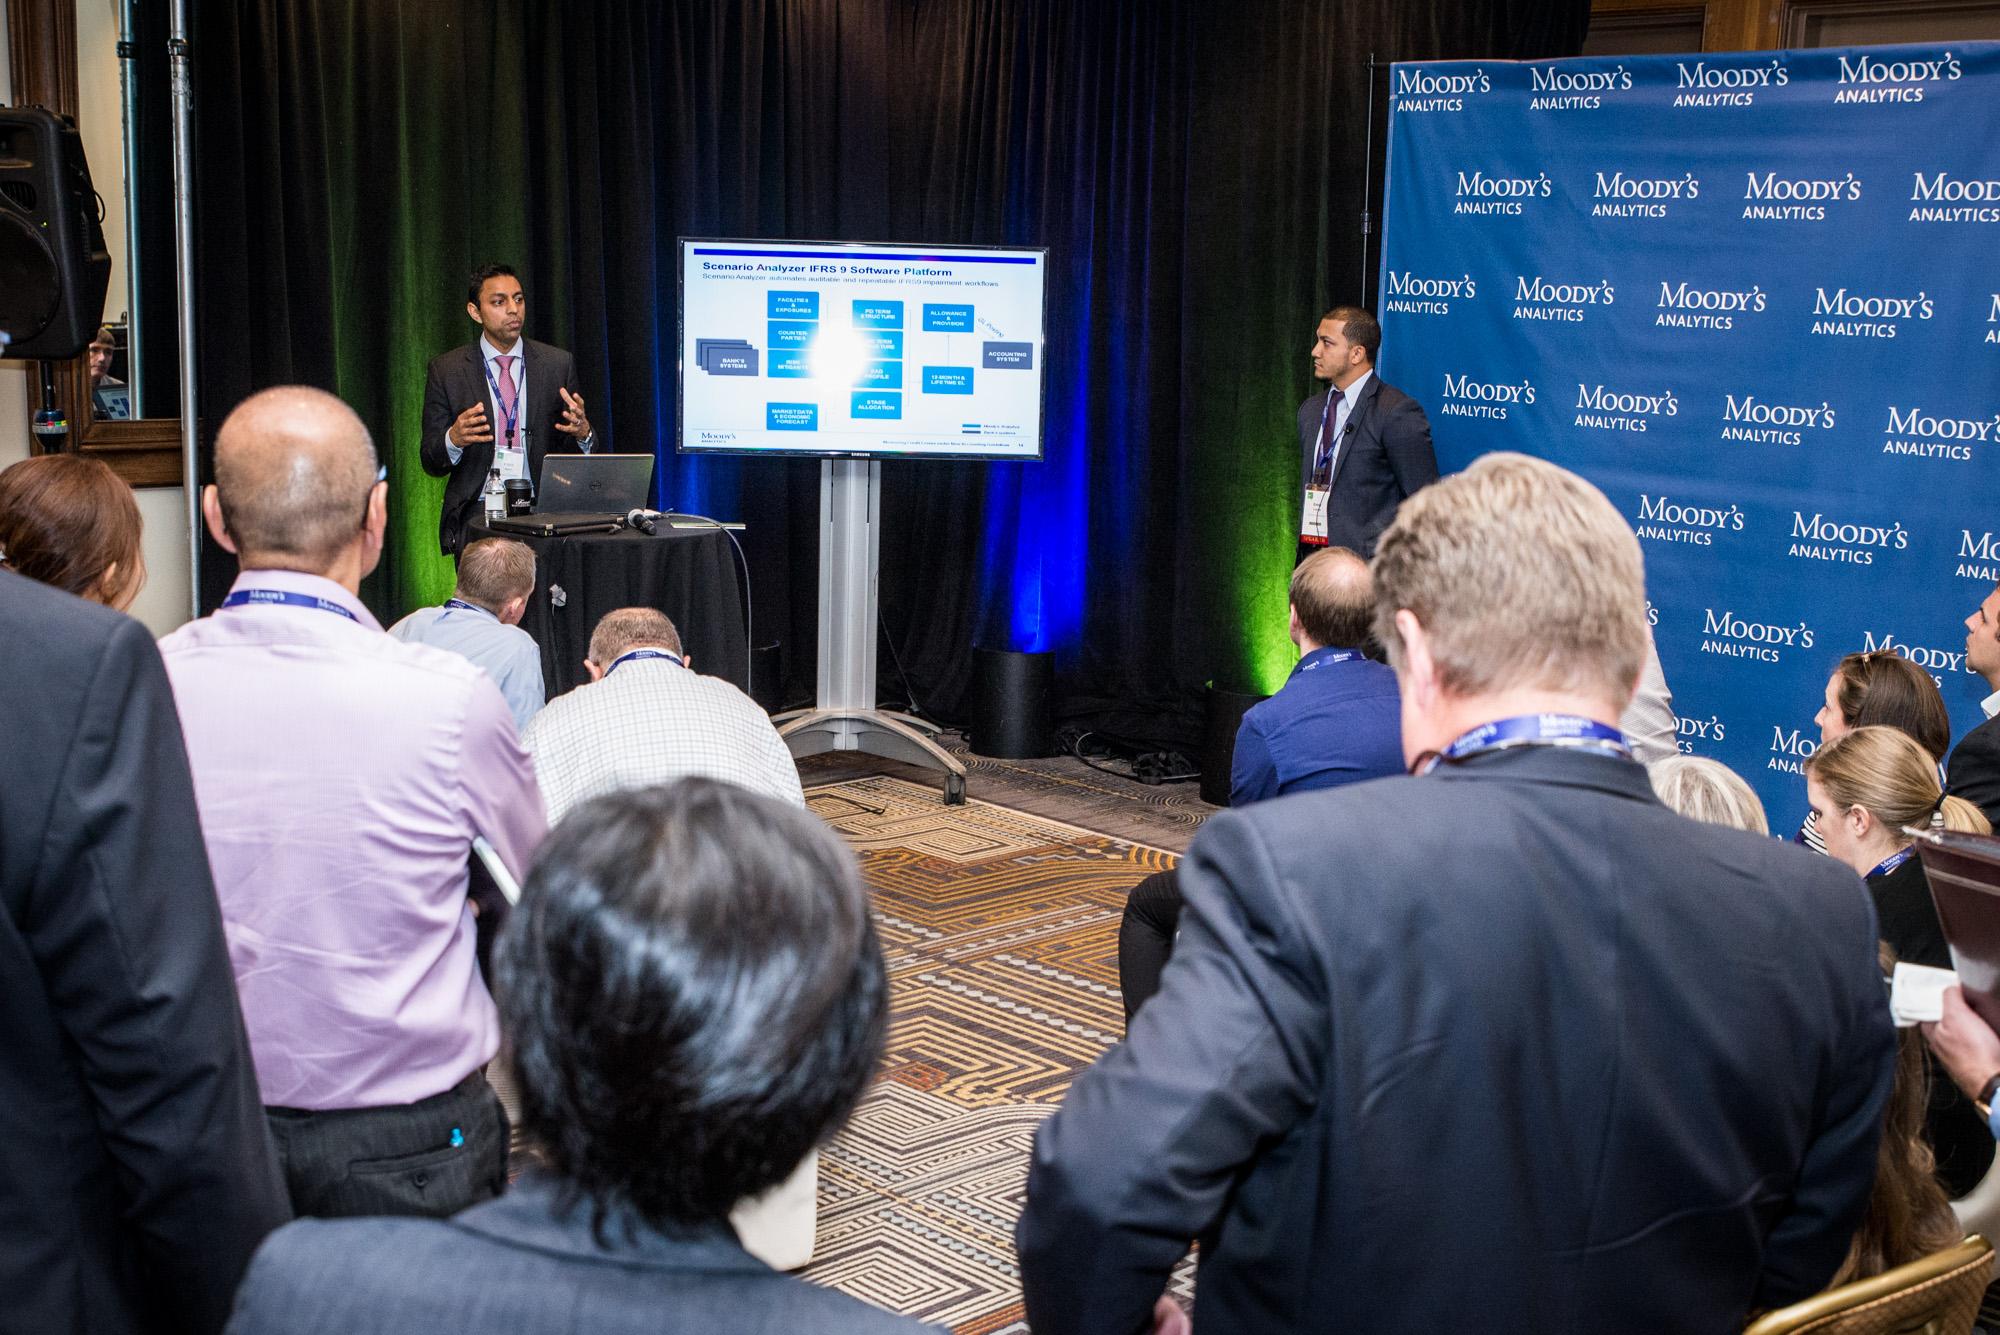 Moody's Analytics EMEA Summit Series 2019